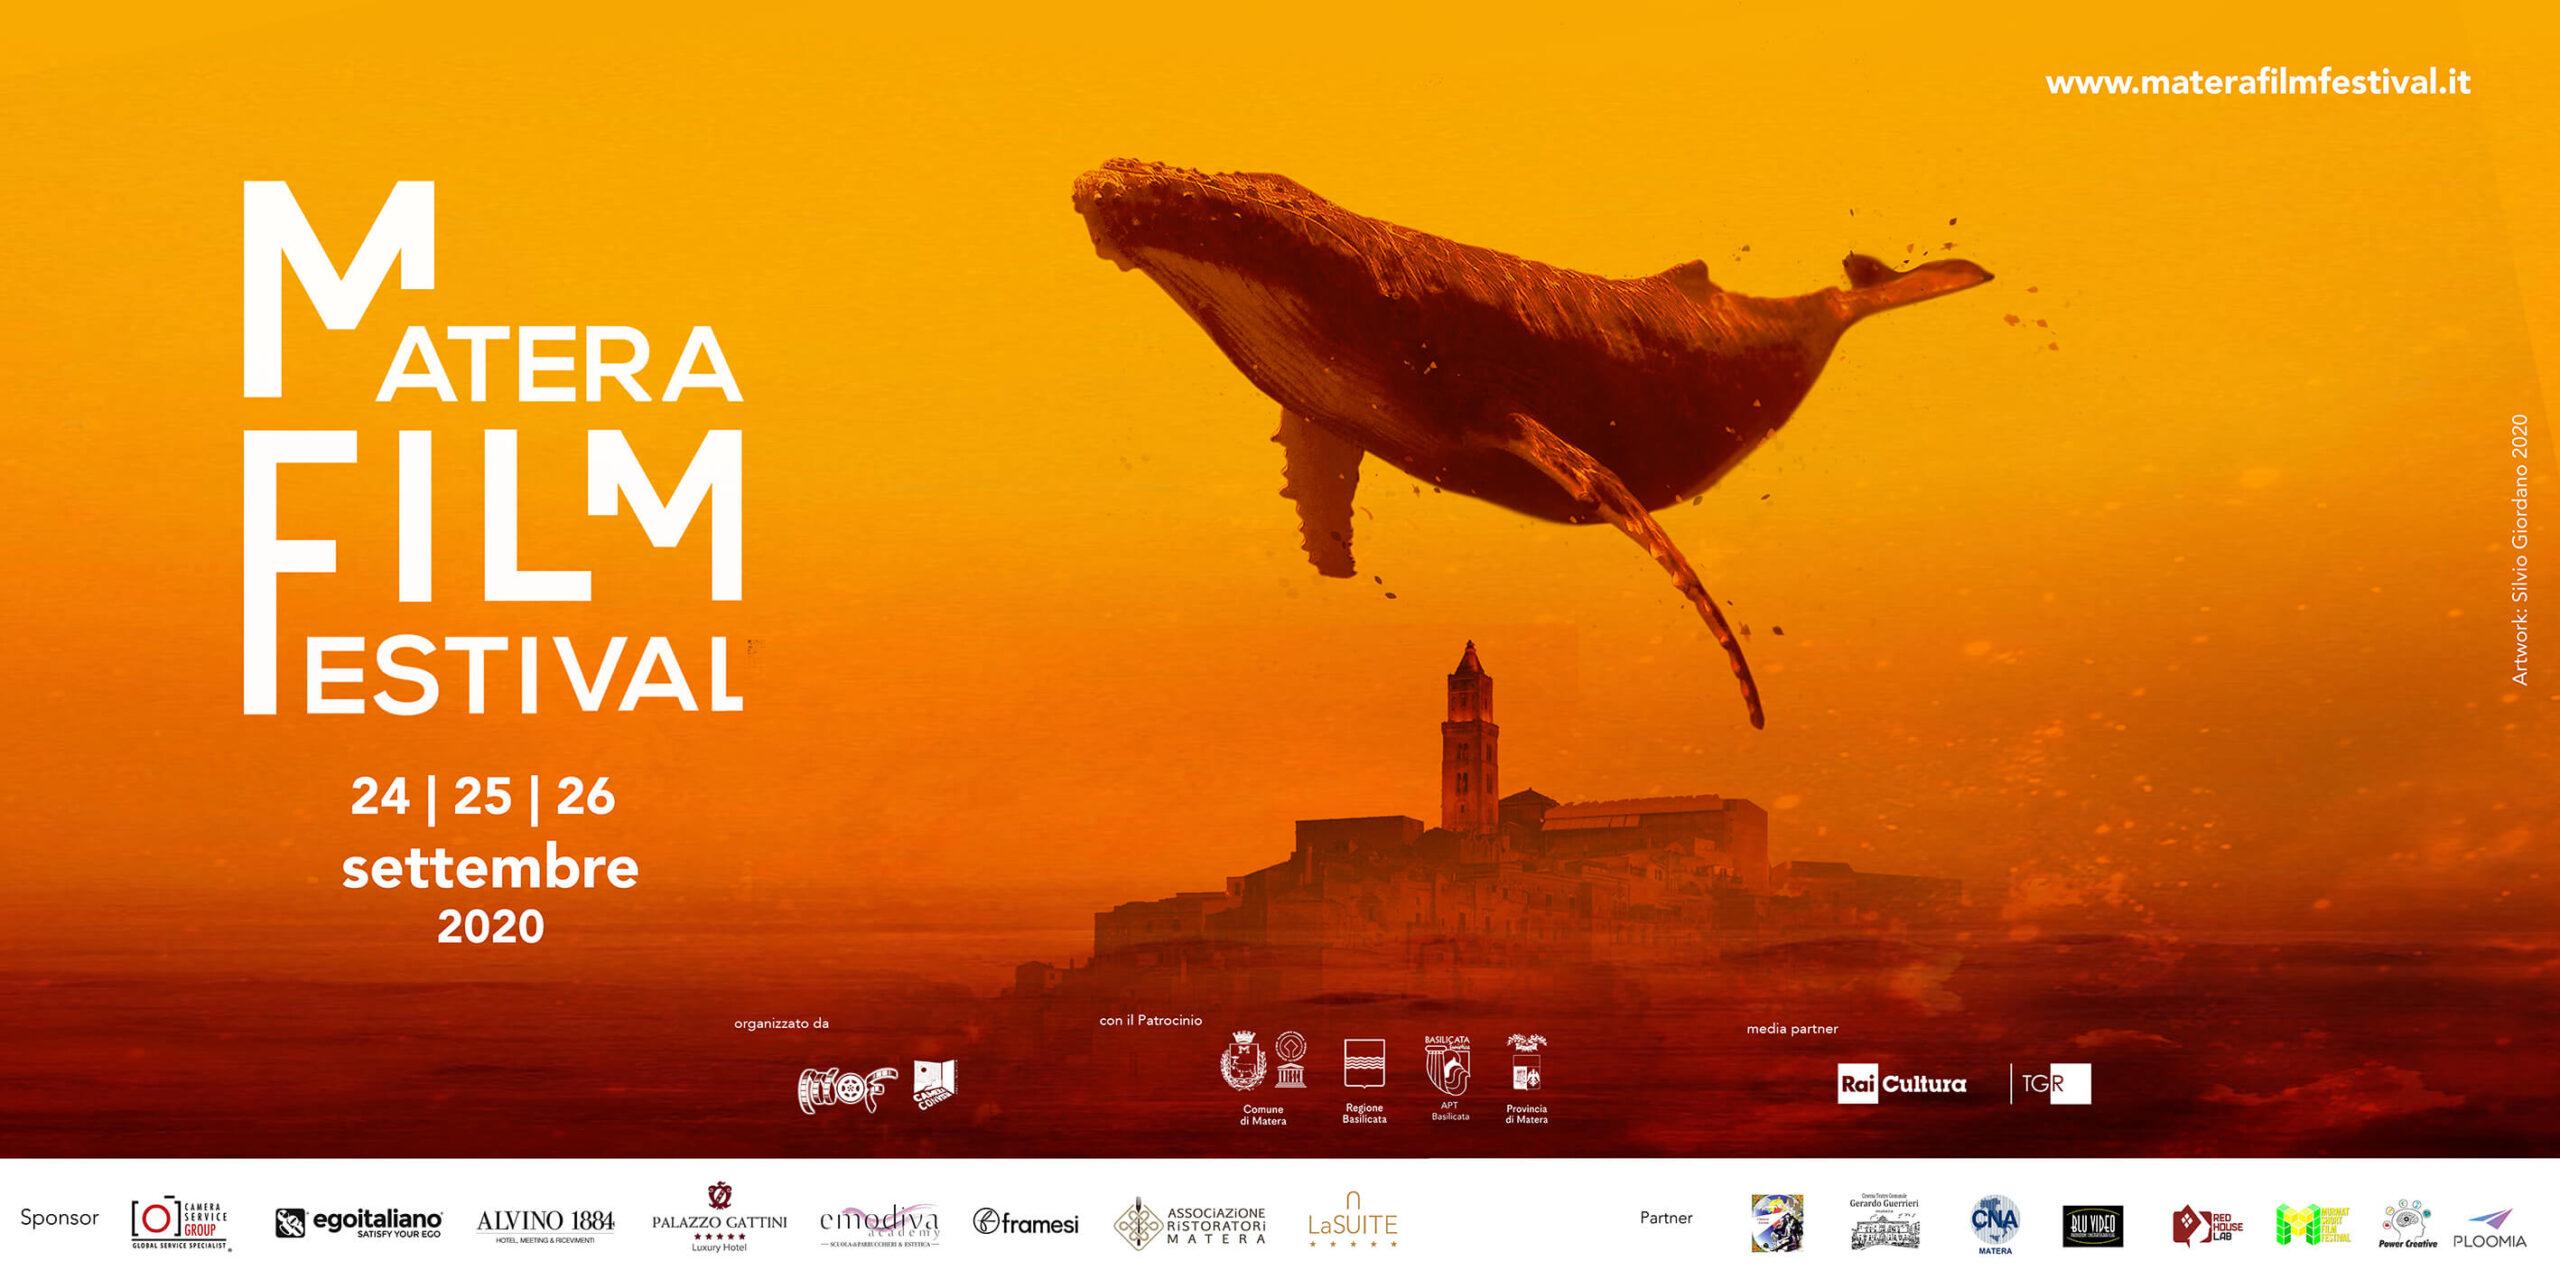 Siamo Main Sponsor del Matera Film Festival